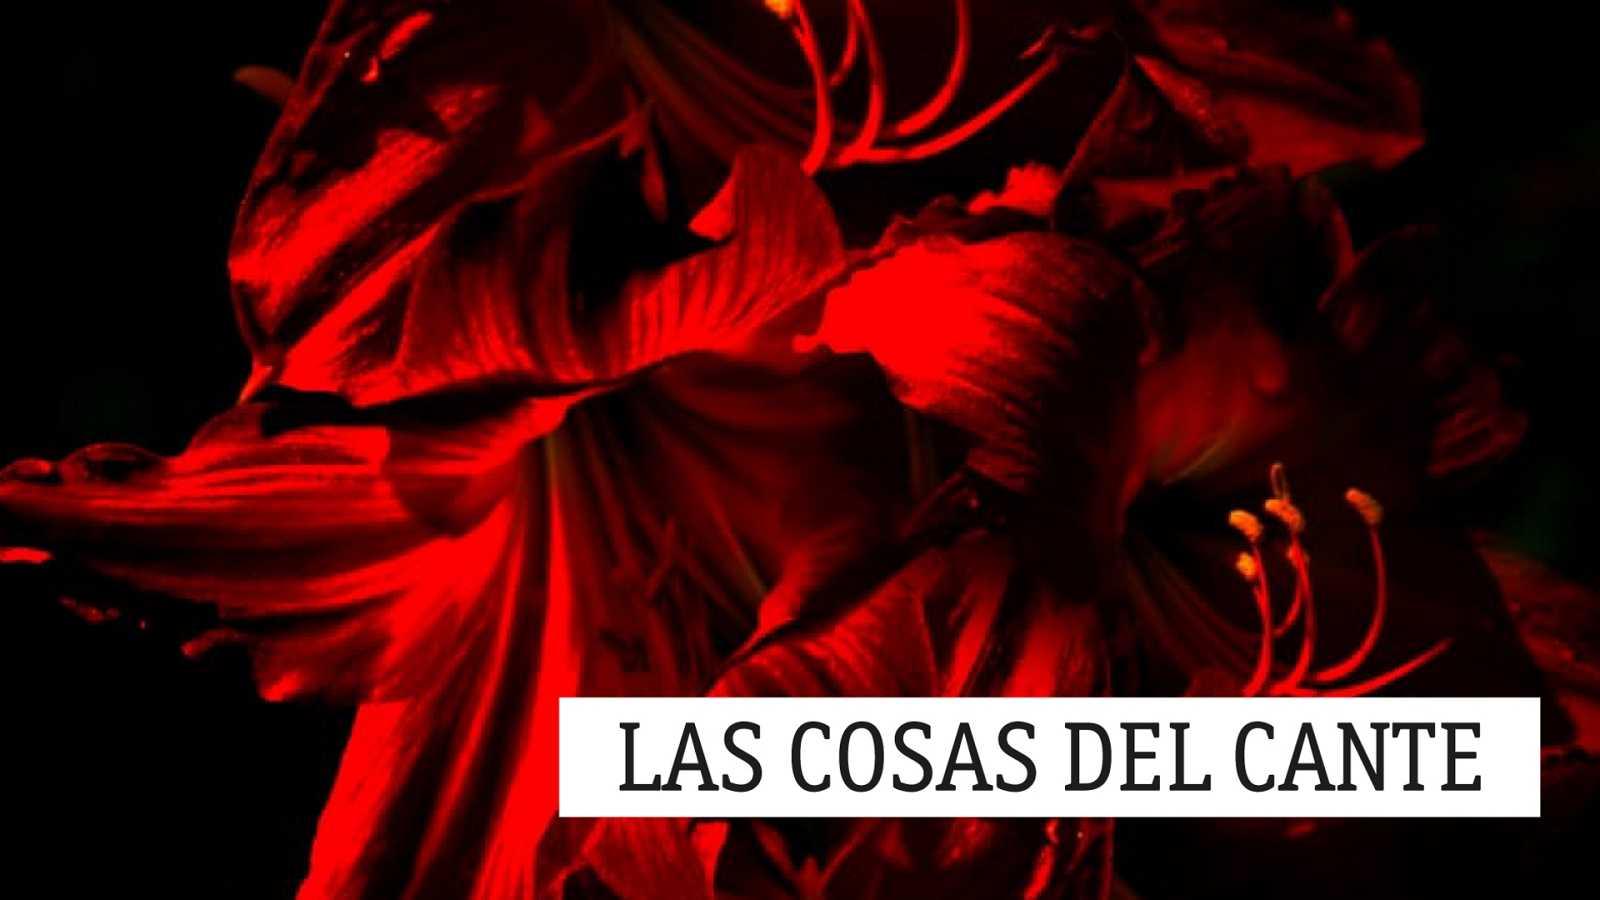 Las cosas del cante - Facultad cantaora - 19/02/21 - escuchar ahora